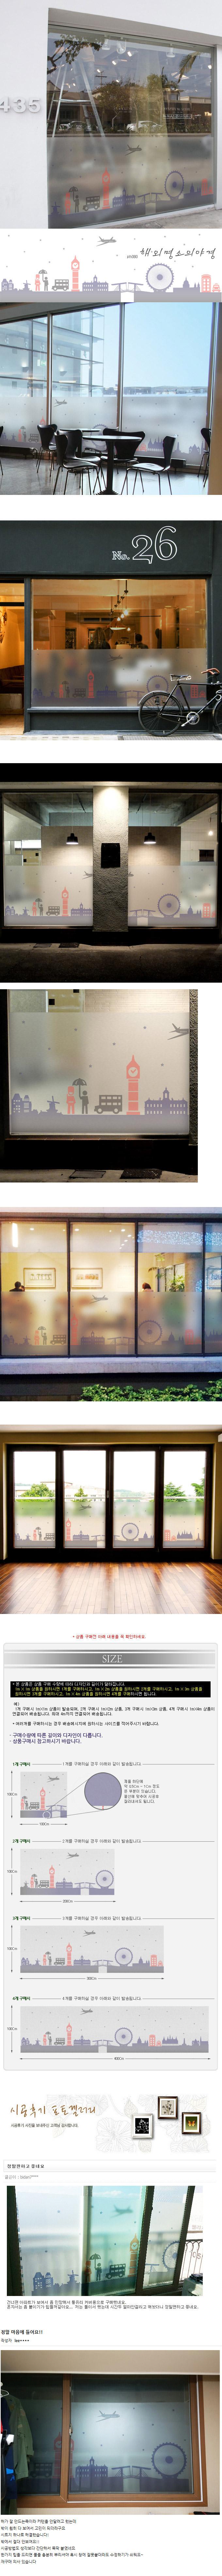 ph080-해외명소의야경_글라스시트지 - 꾸밈, 16,000원, 벽지/시트지, 패턴/무늬목 시트